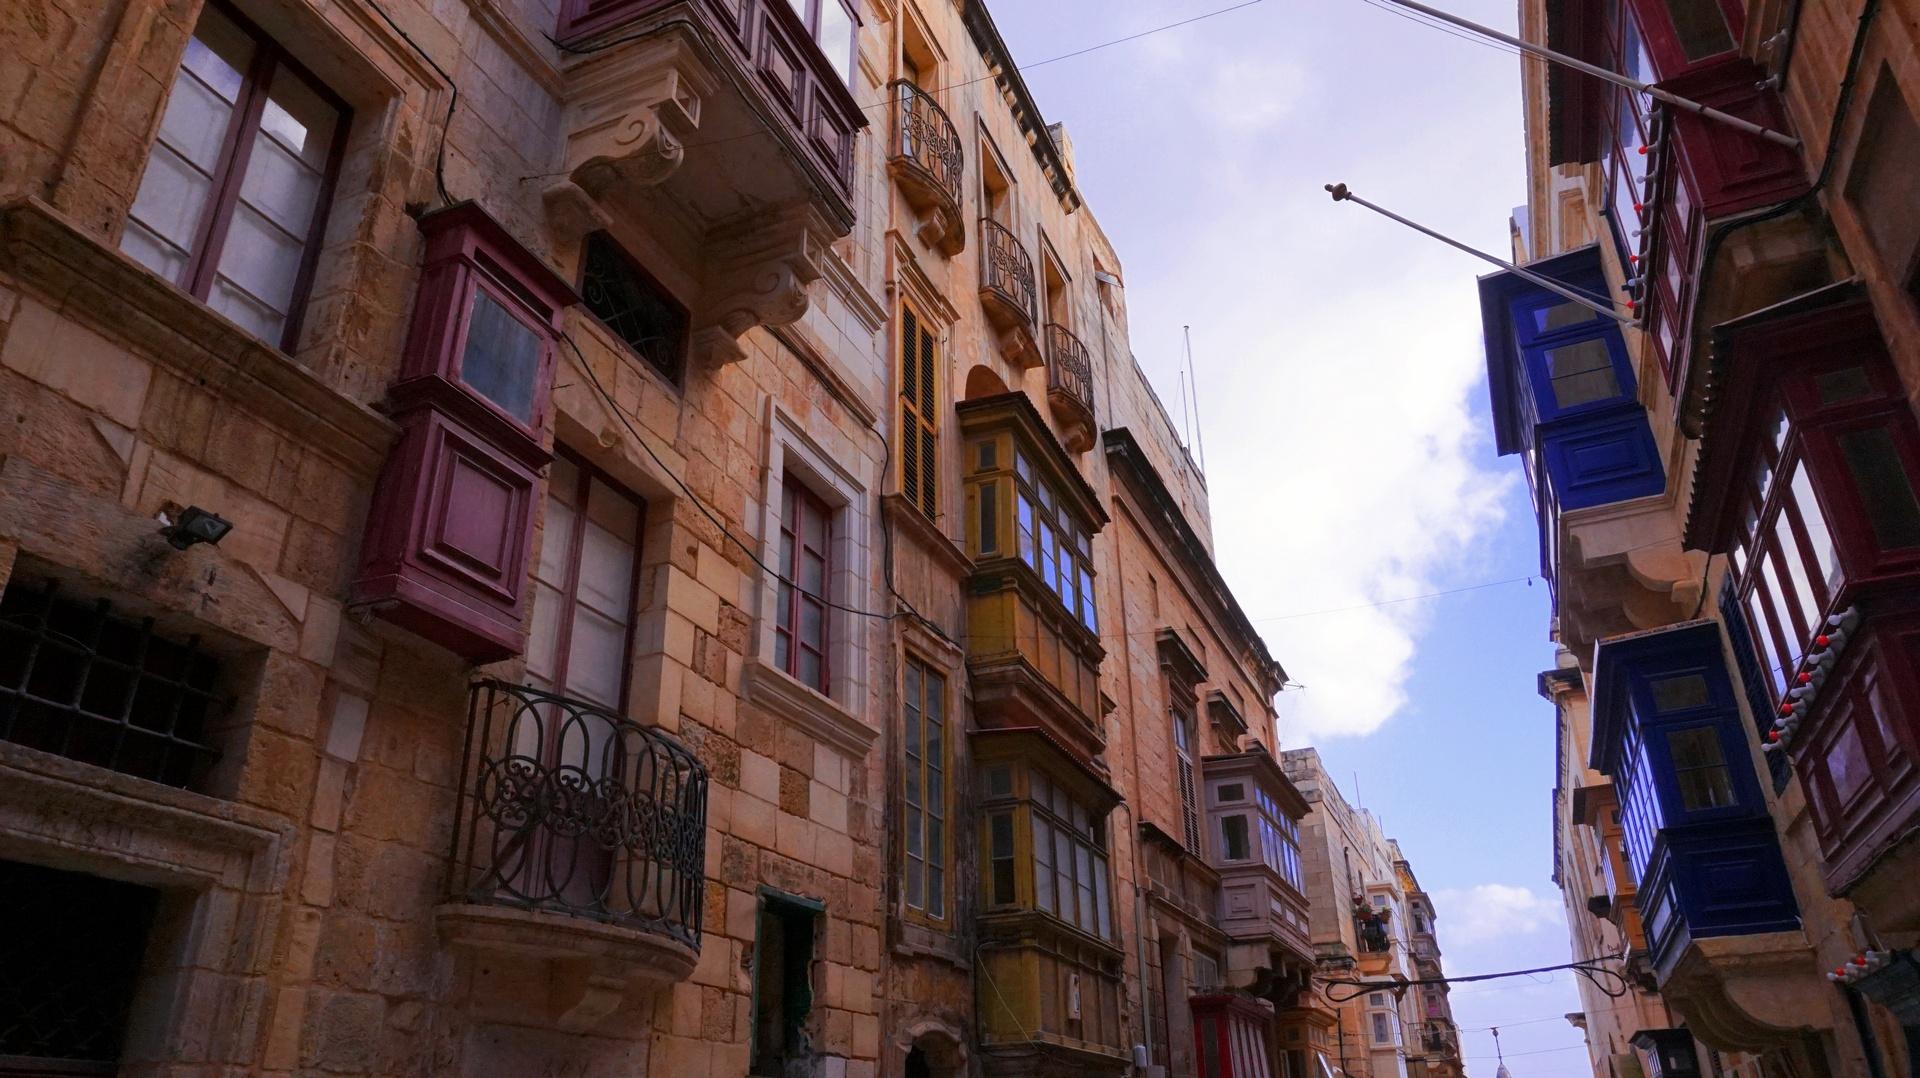 Kamienice w Valetcie, Malta | Sway the way